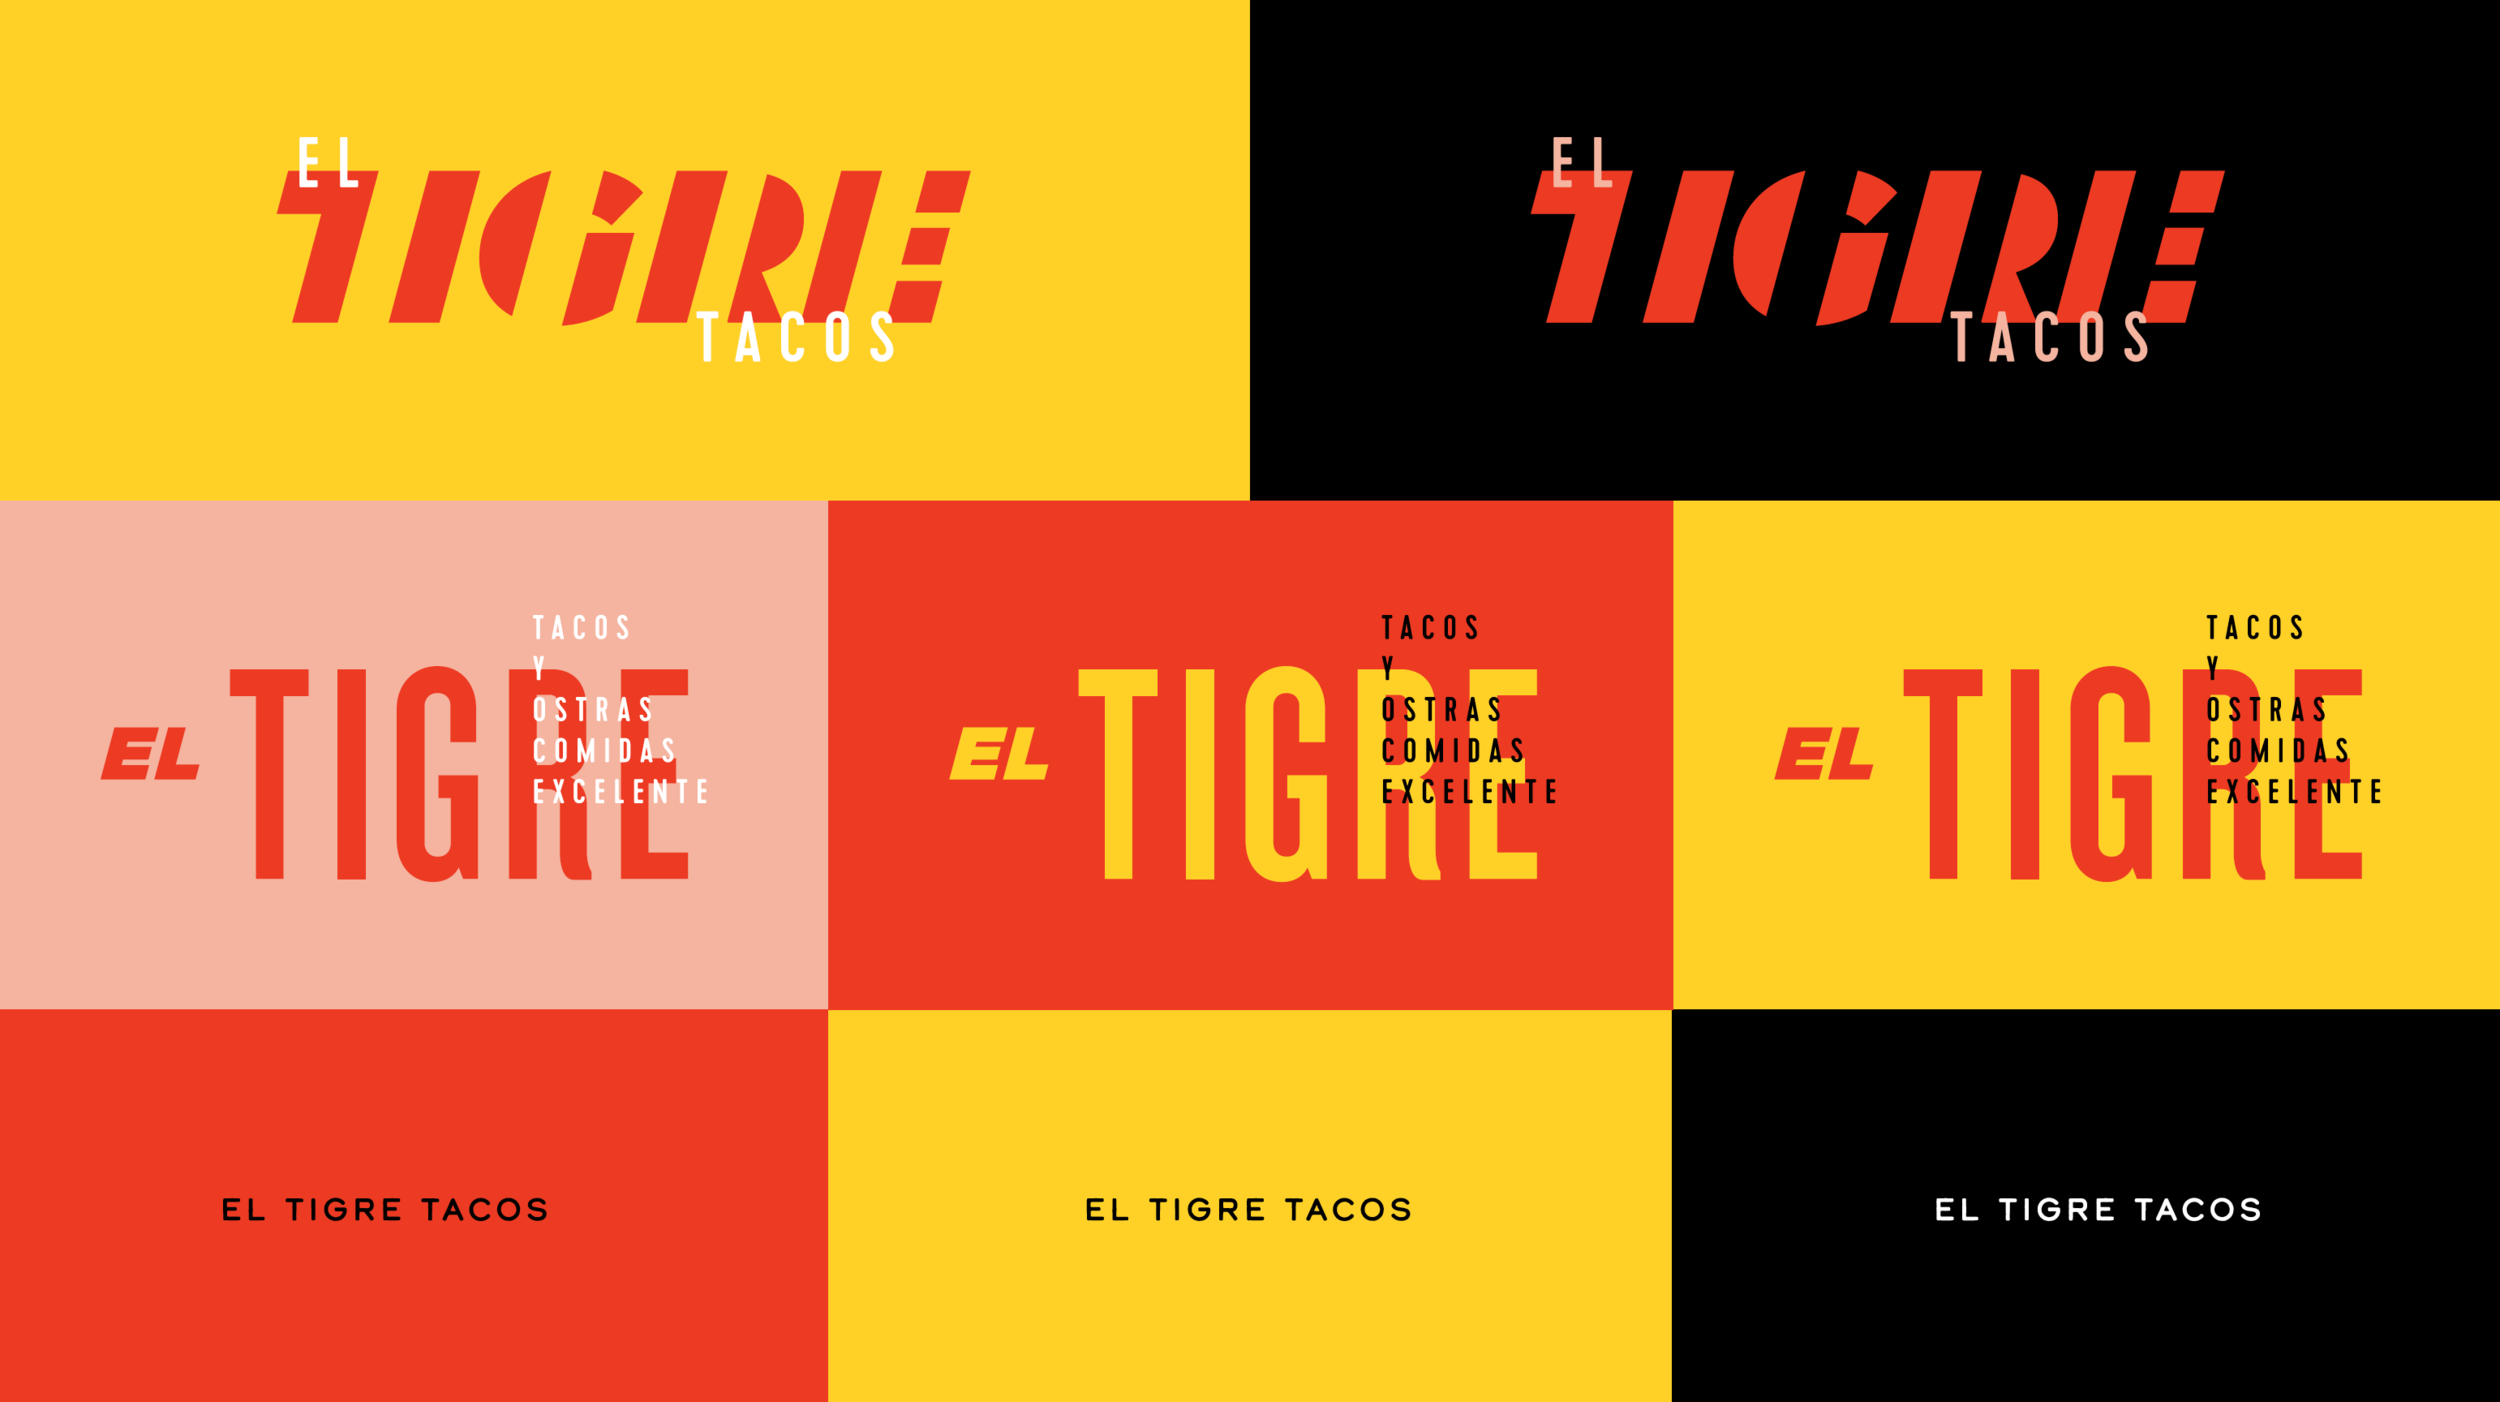 ELTIGRE_Logos.jpg